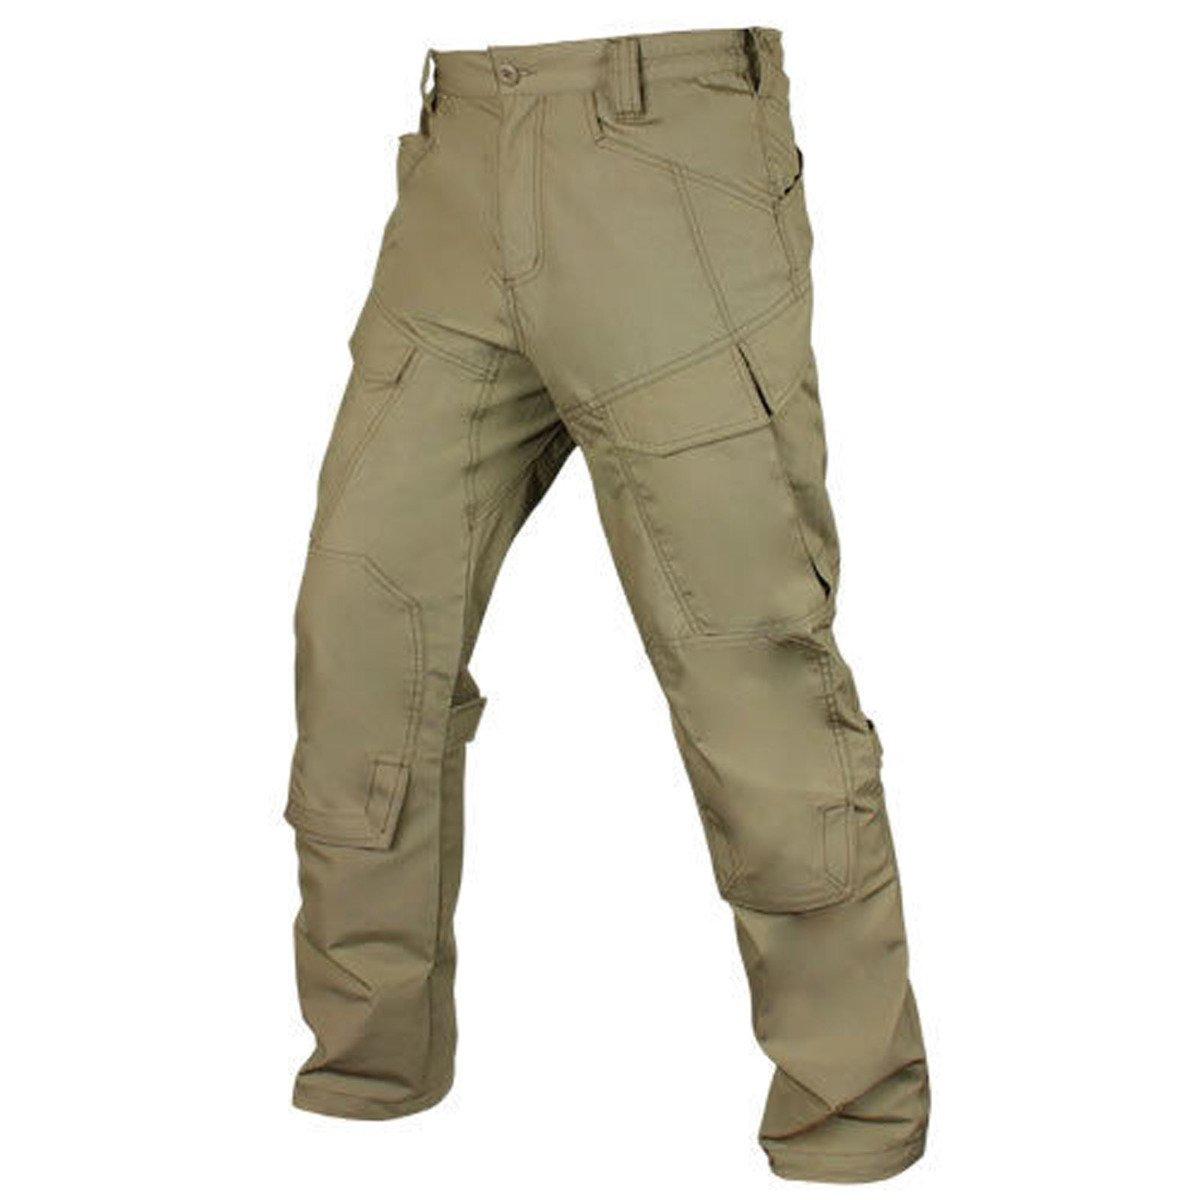 Amazon.com: Condor - Pantalones tácticos para operador al ...